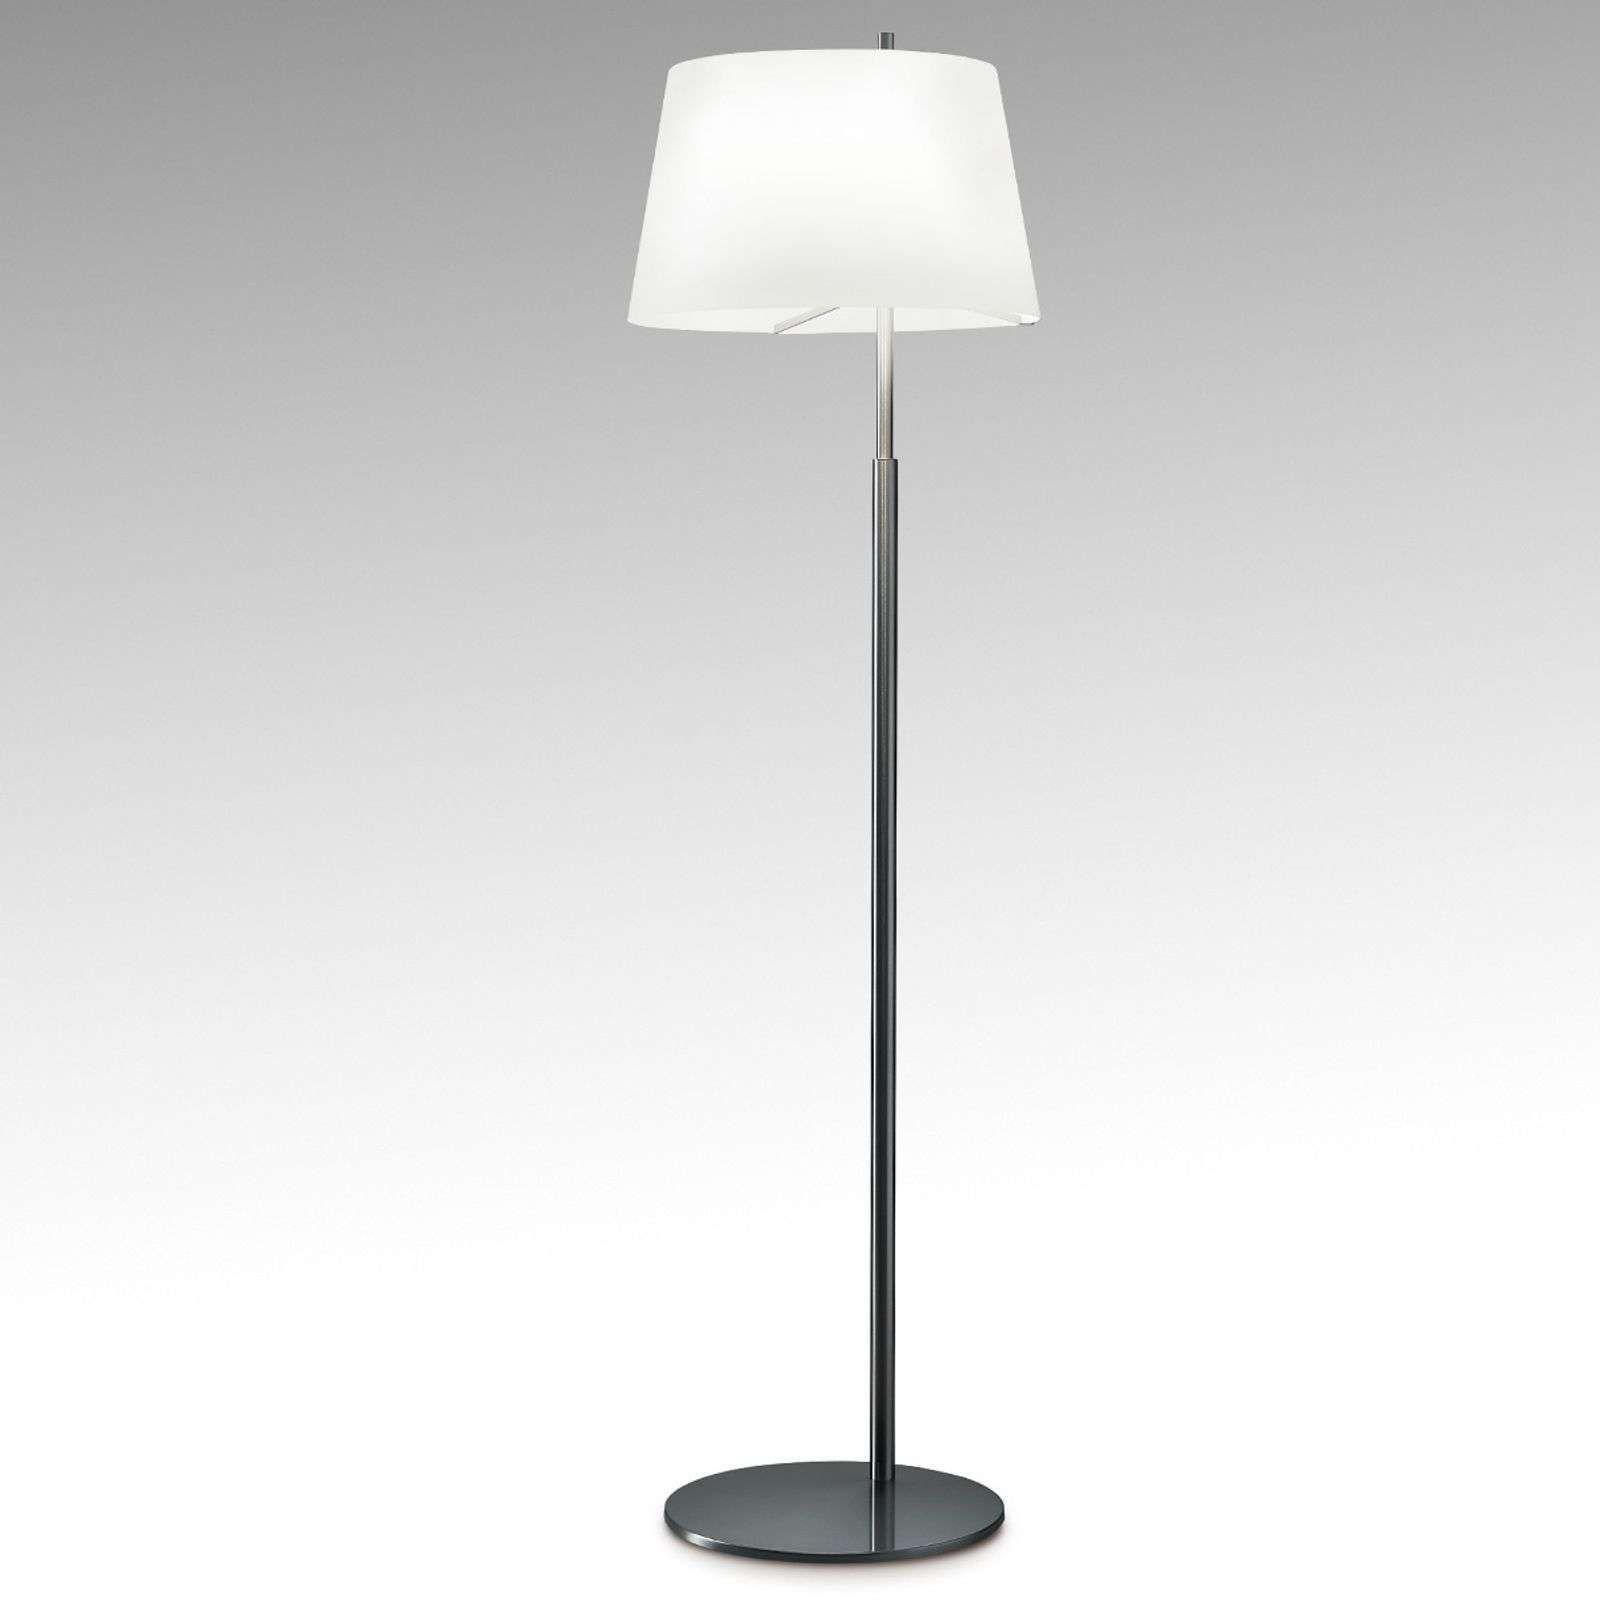 stehlampe modern design  moderne stehleuchte led  moderne